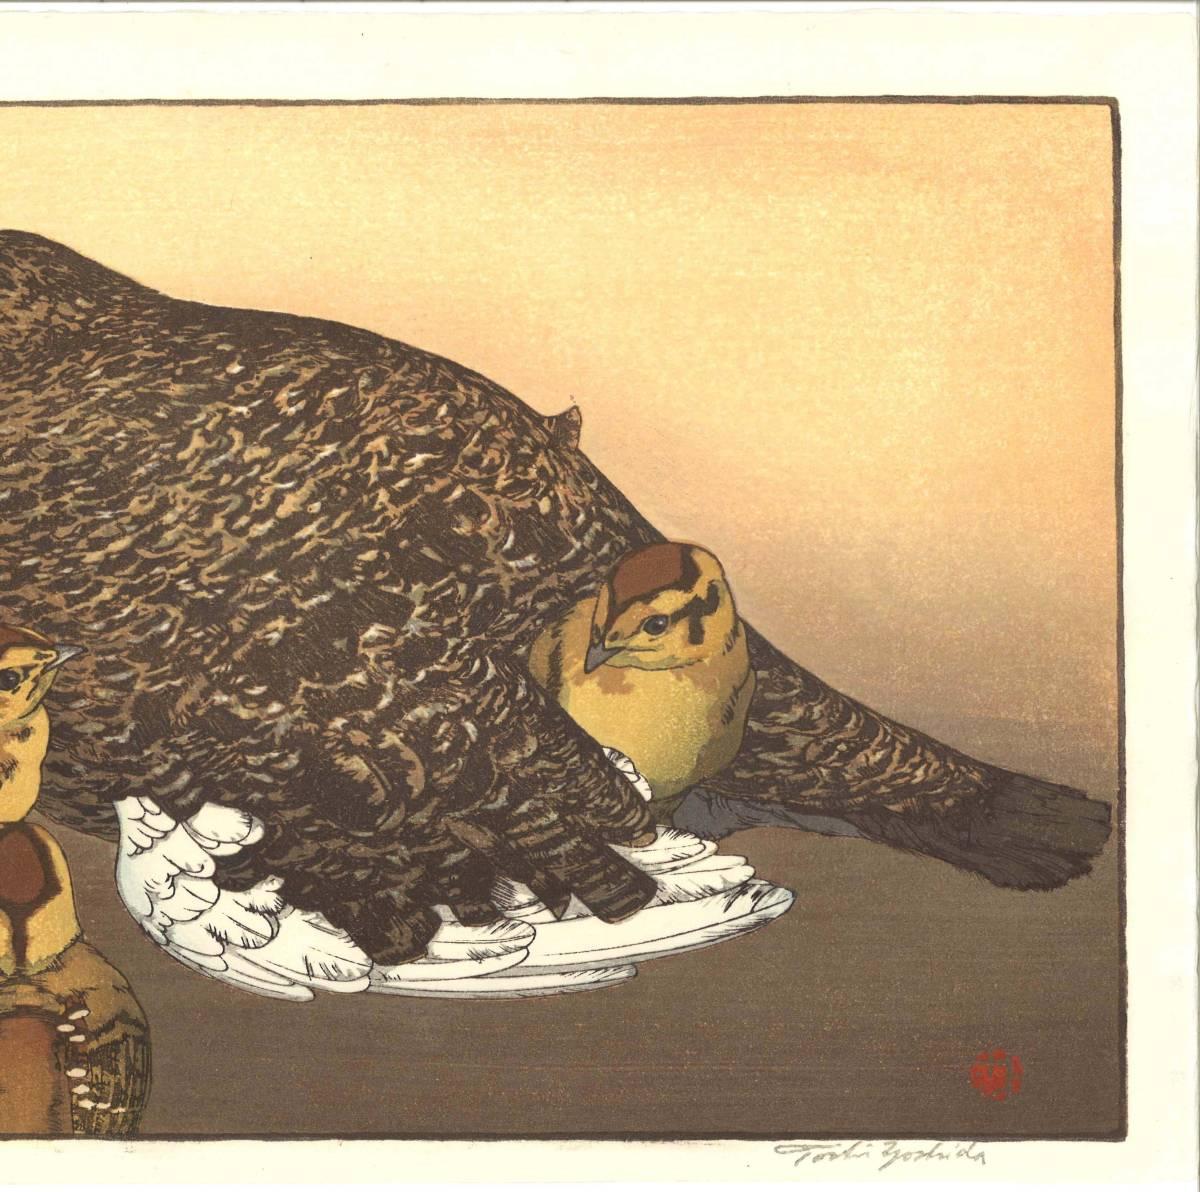 吉田遠志 木版画 013001 雷鳥 (Raicho) 初摺1930年 初期の頃の作品!!  最高峰の摺師の技をご堪能下さい!!_画像4